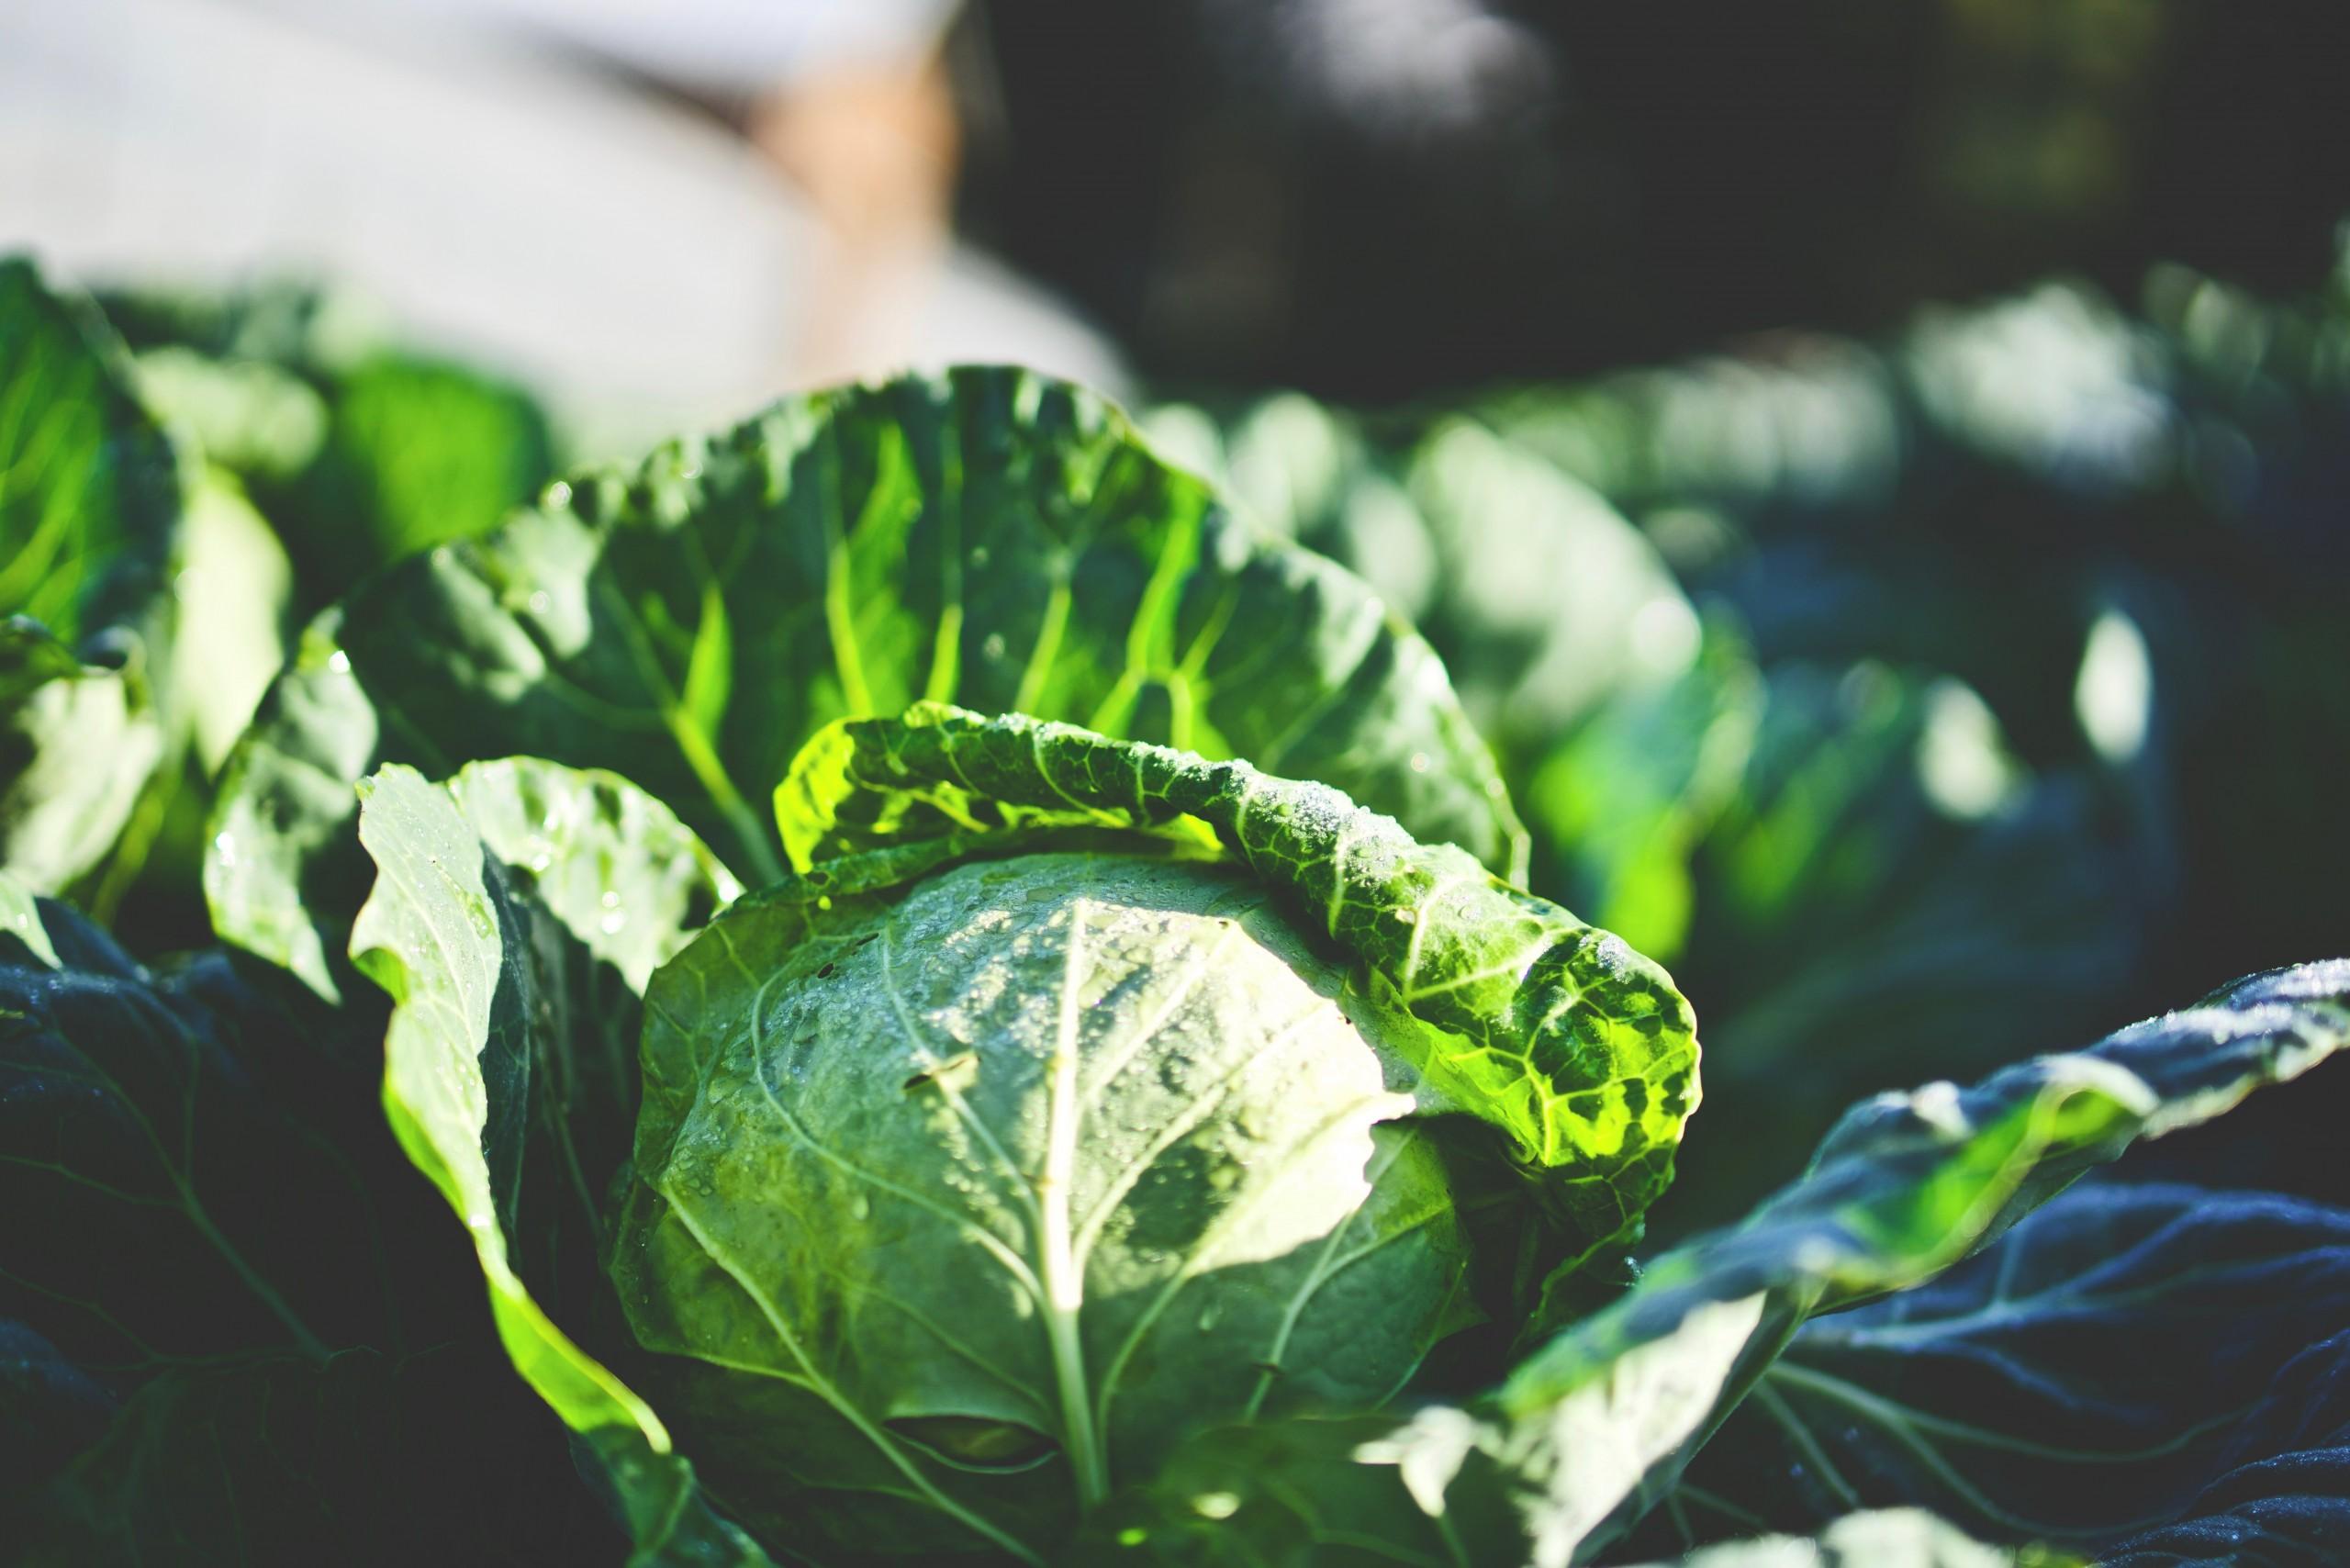 Lettuce growing in garden.